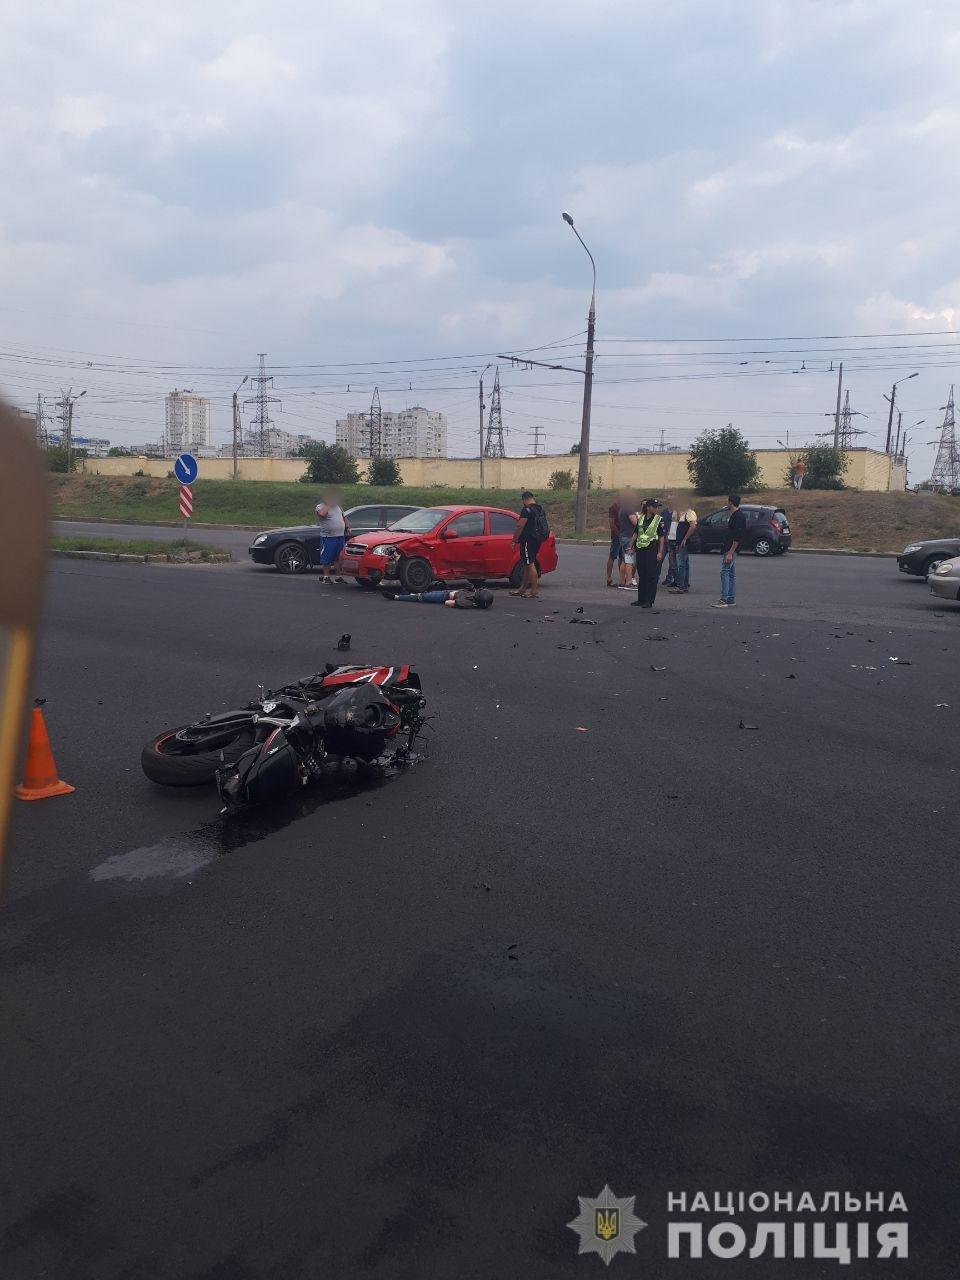 В Харькове в ДТП погиб мотоциклист и пострадали несколько человек, - ФОТО, фото-1